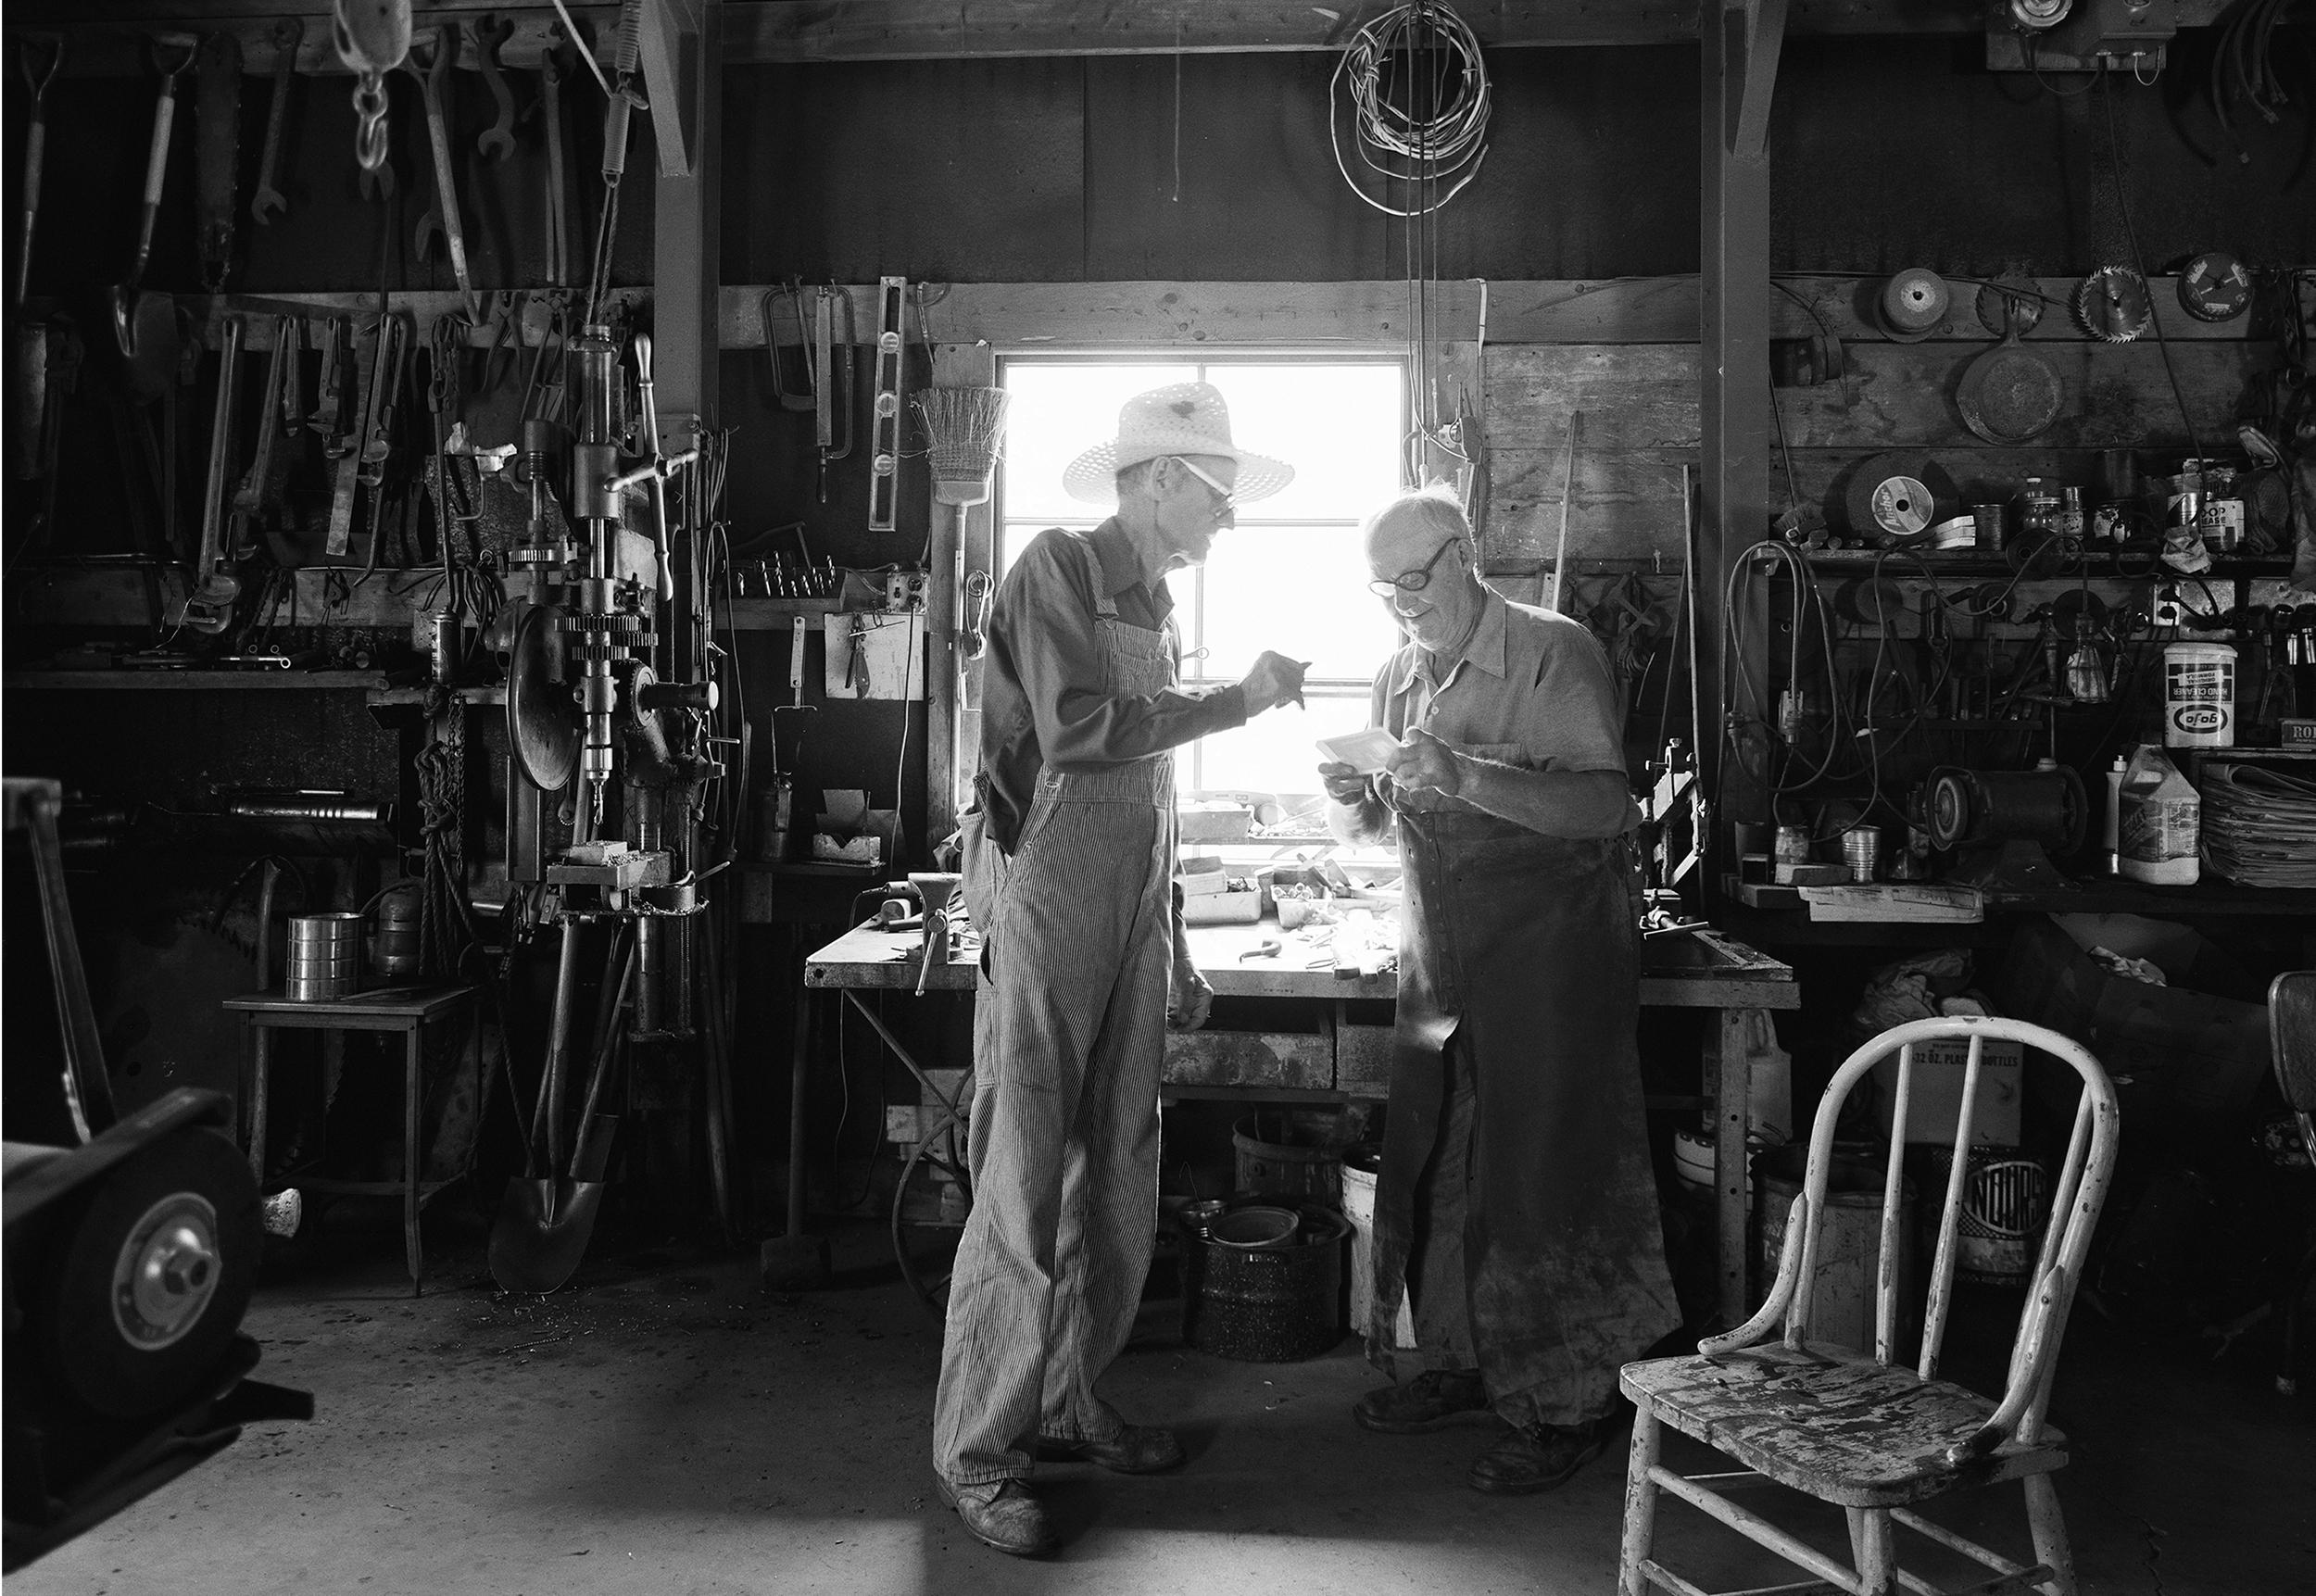 Grandad's Barn by Kimball Hall